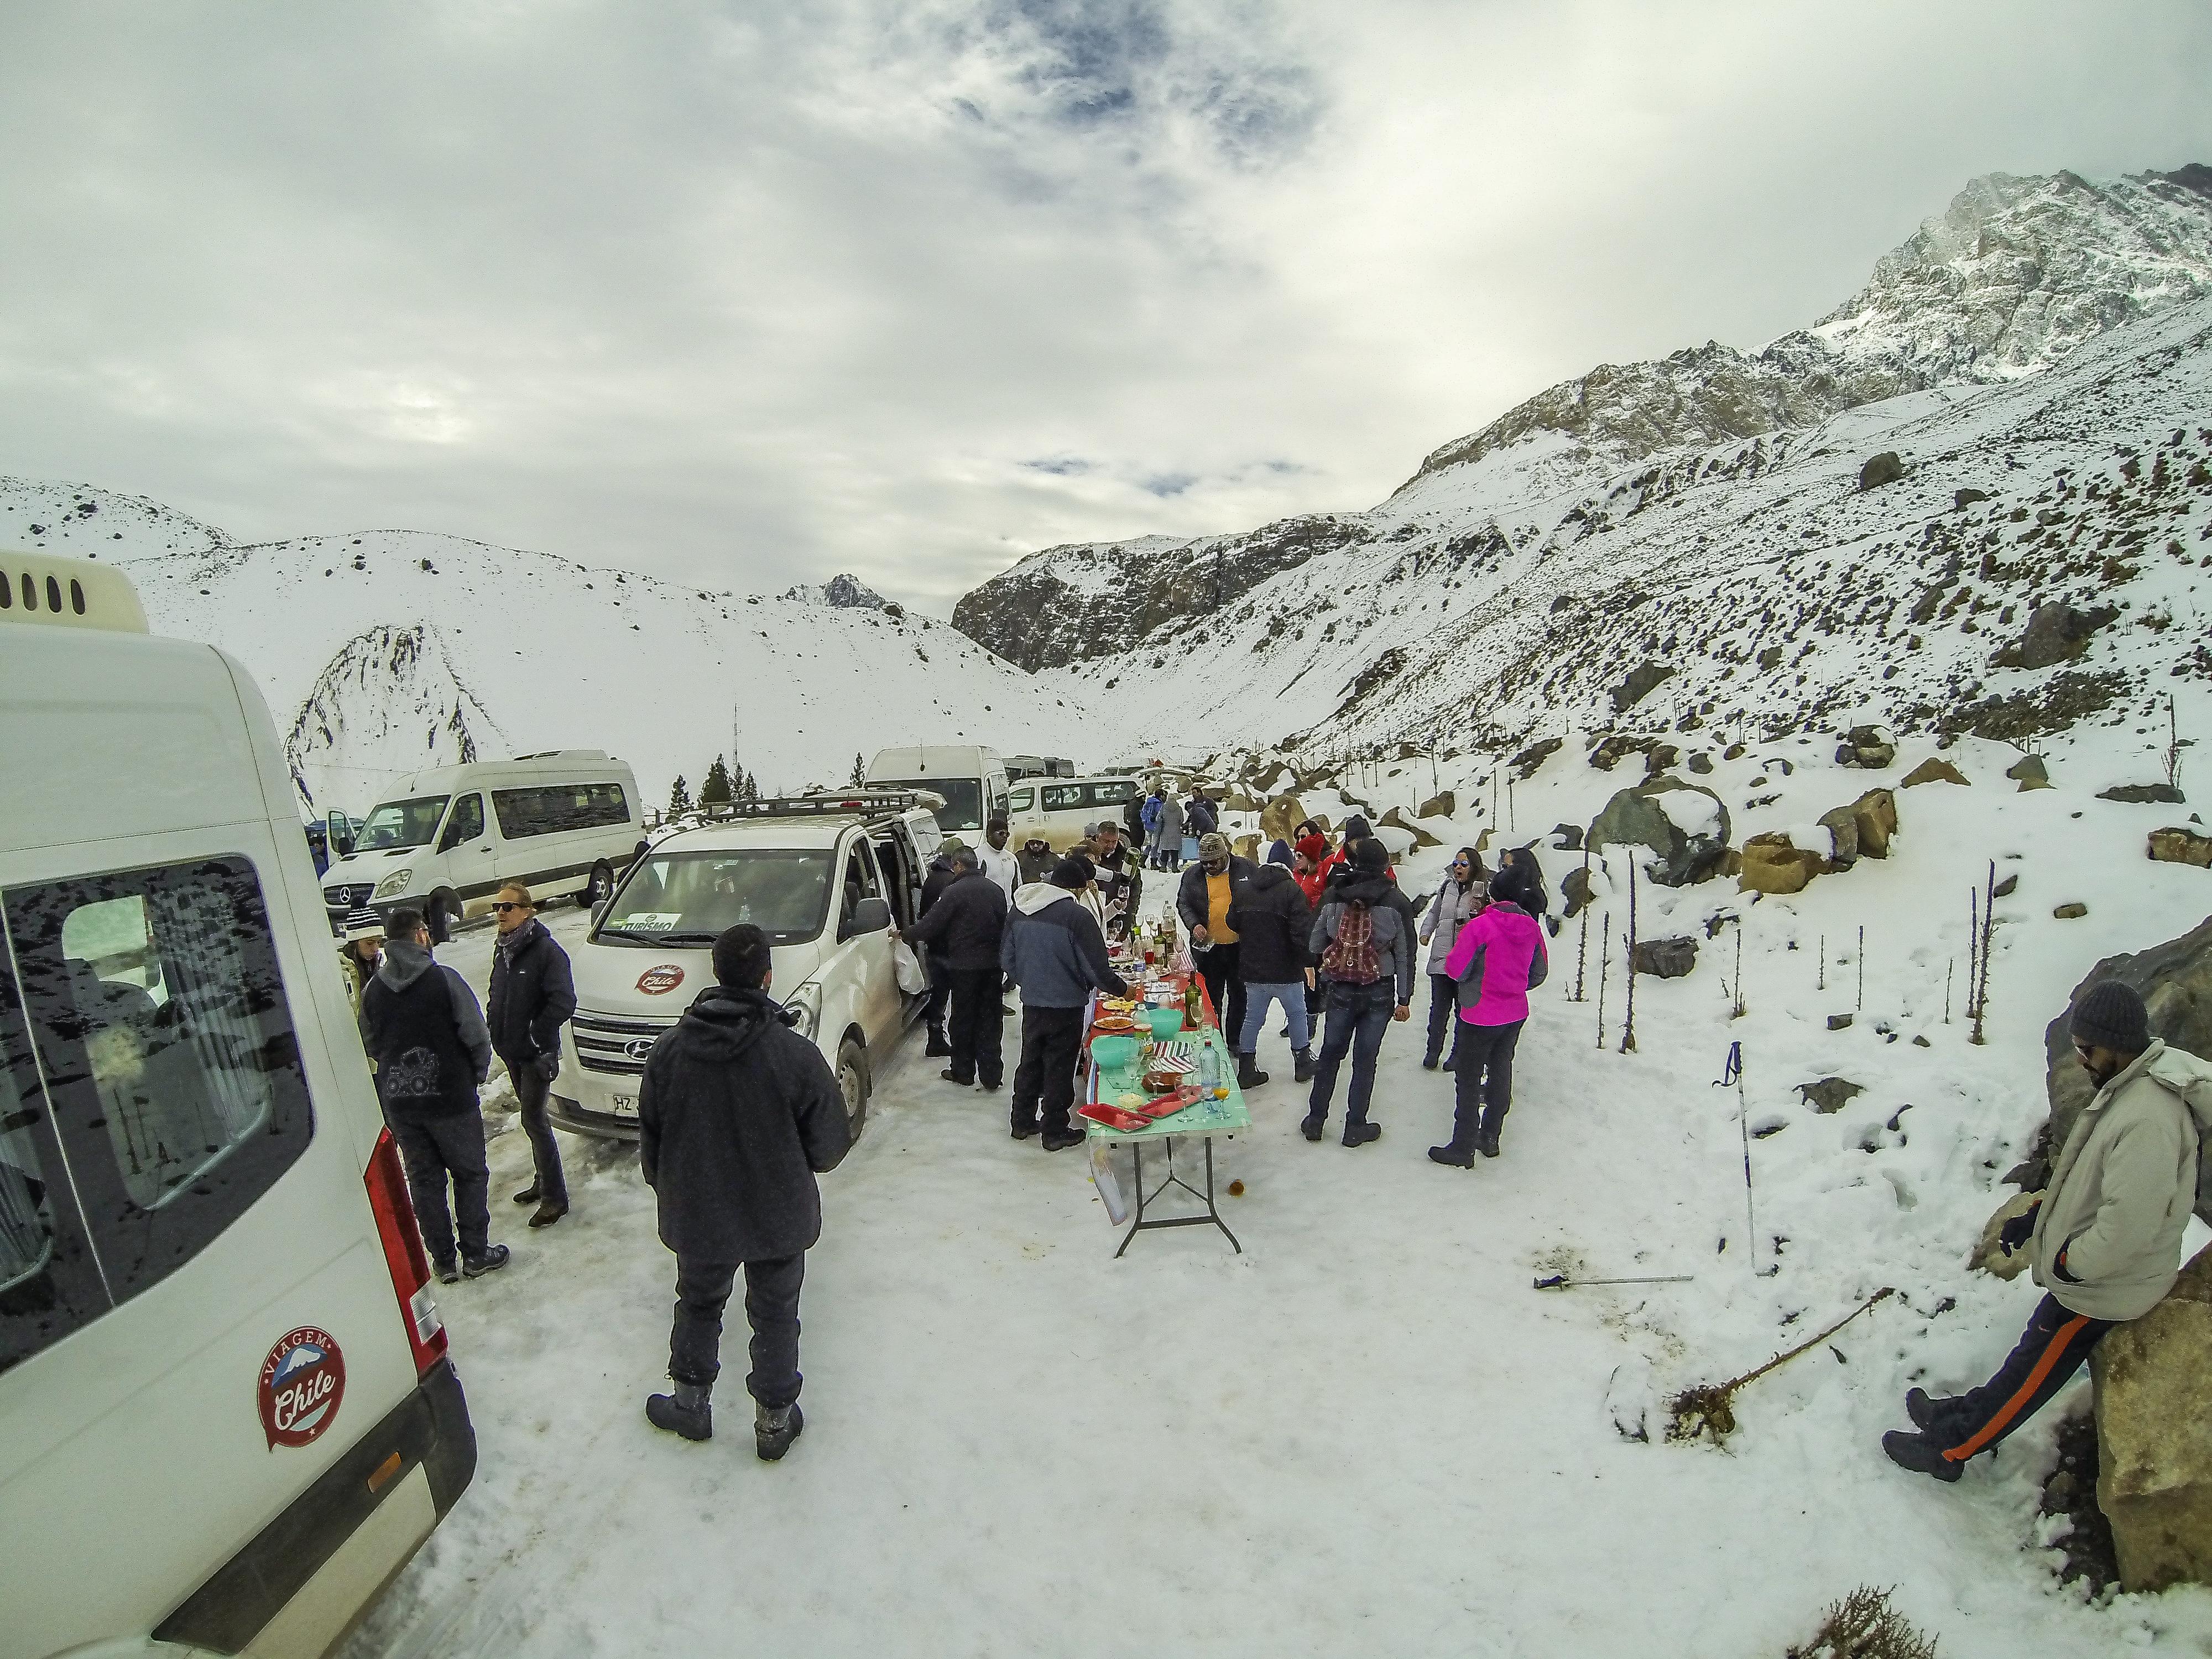 Cajon del Maipo / Embalse El Yeso